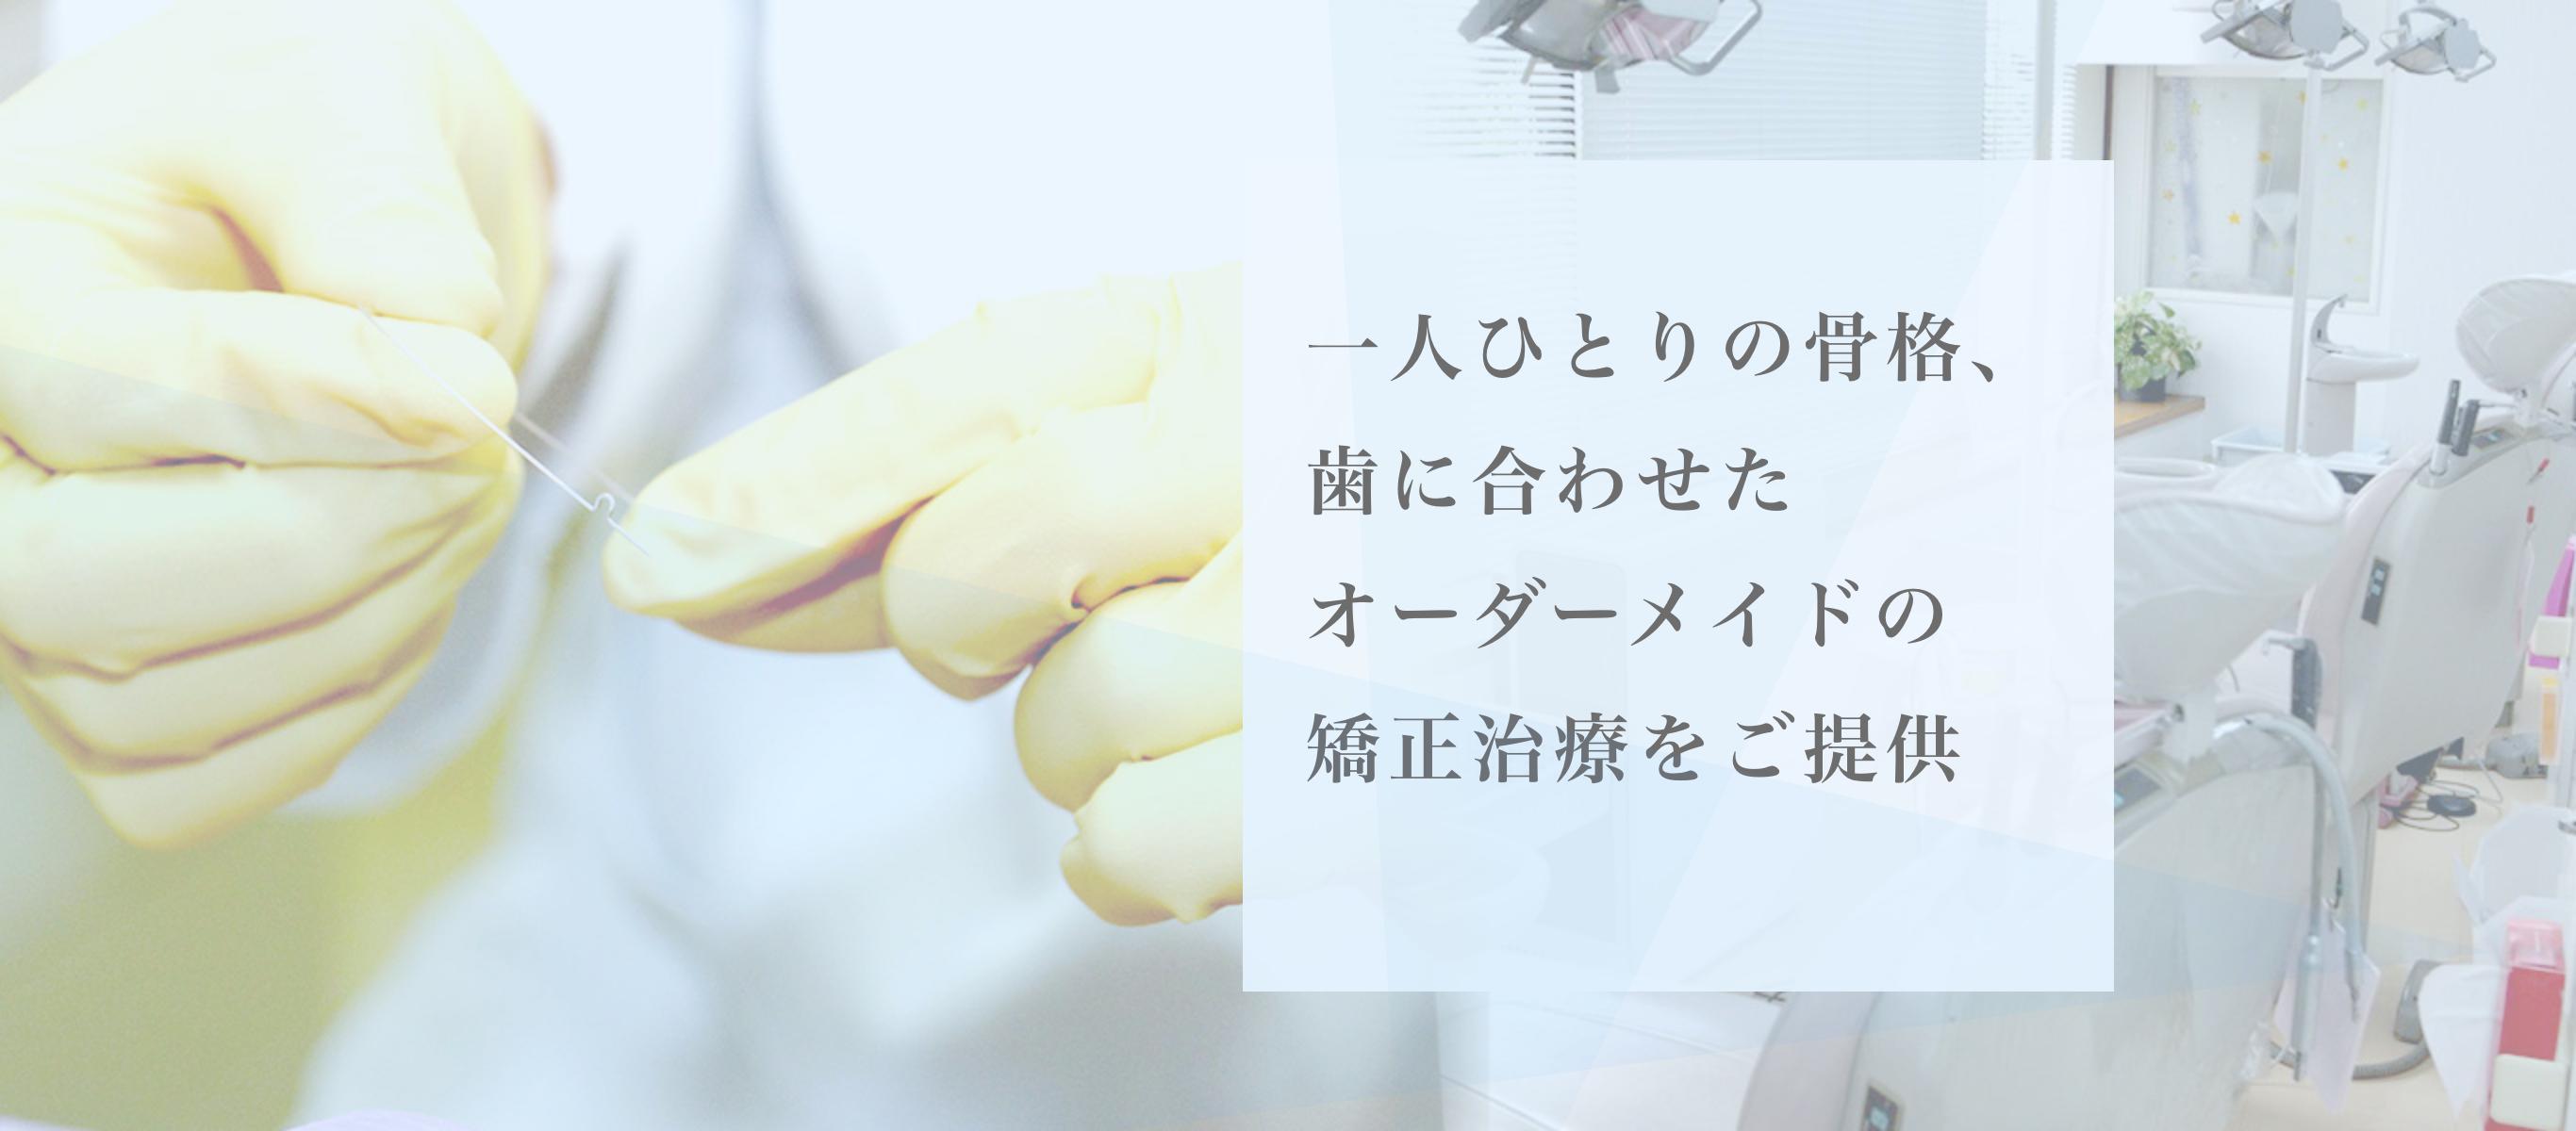 矯正専門医による一環治療をご提供いたします 一人ひとりの骨格、歯に合わせたオーダーメイドの矯正治療をご提供